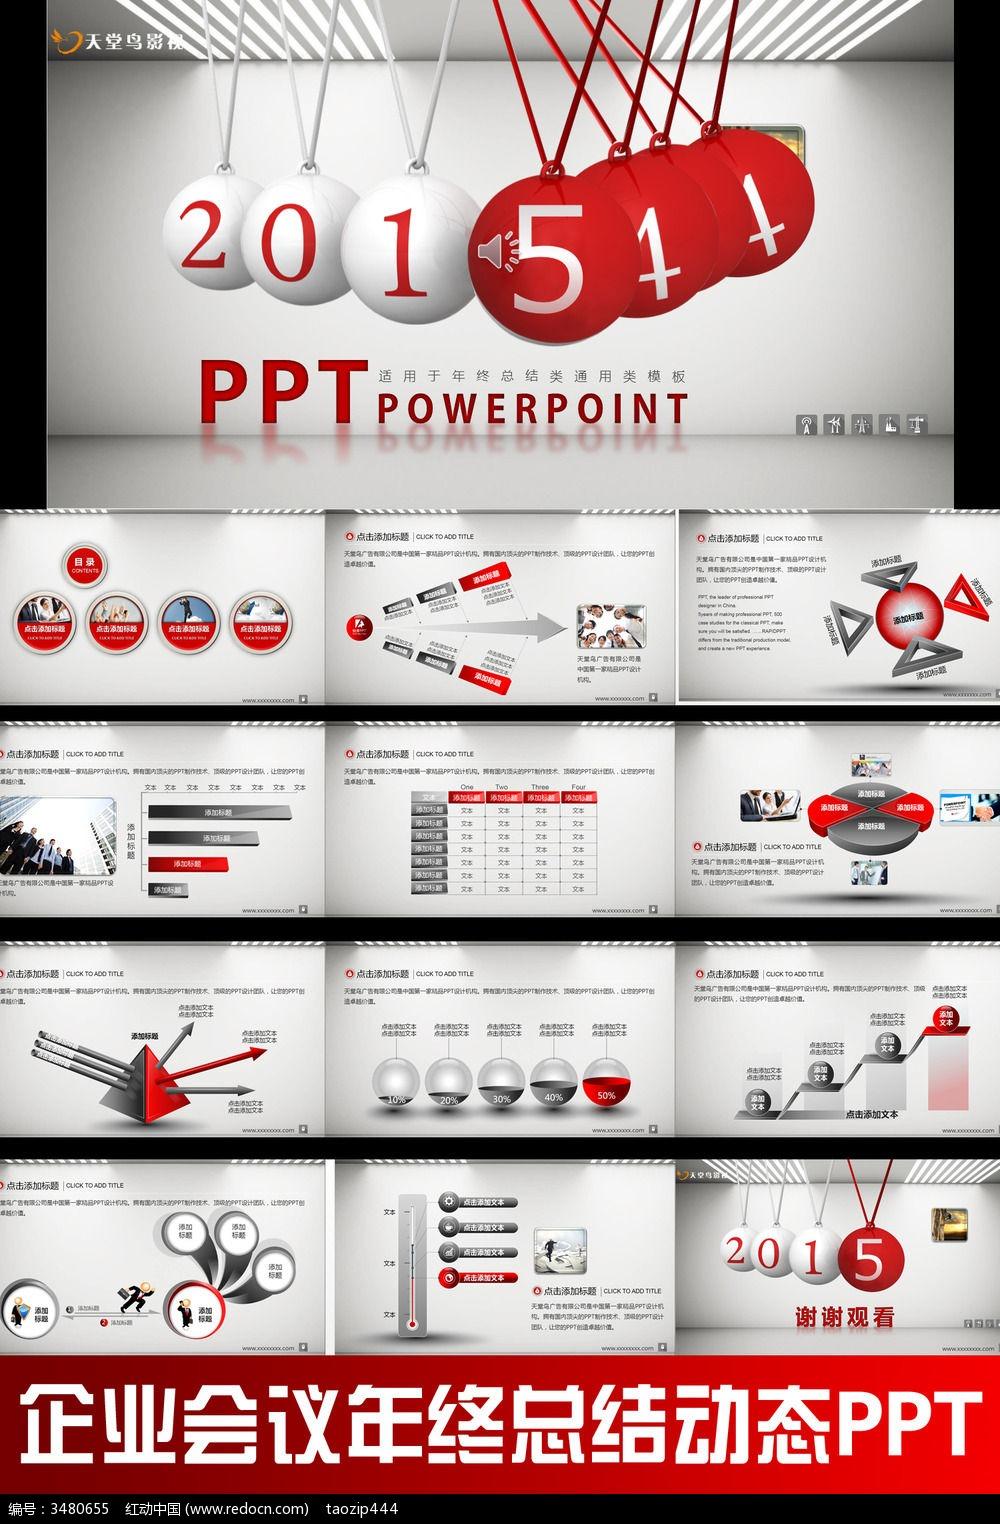 红色牛顿撞球2015年总结汇报动画PPT模板图片